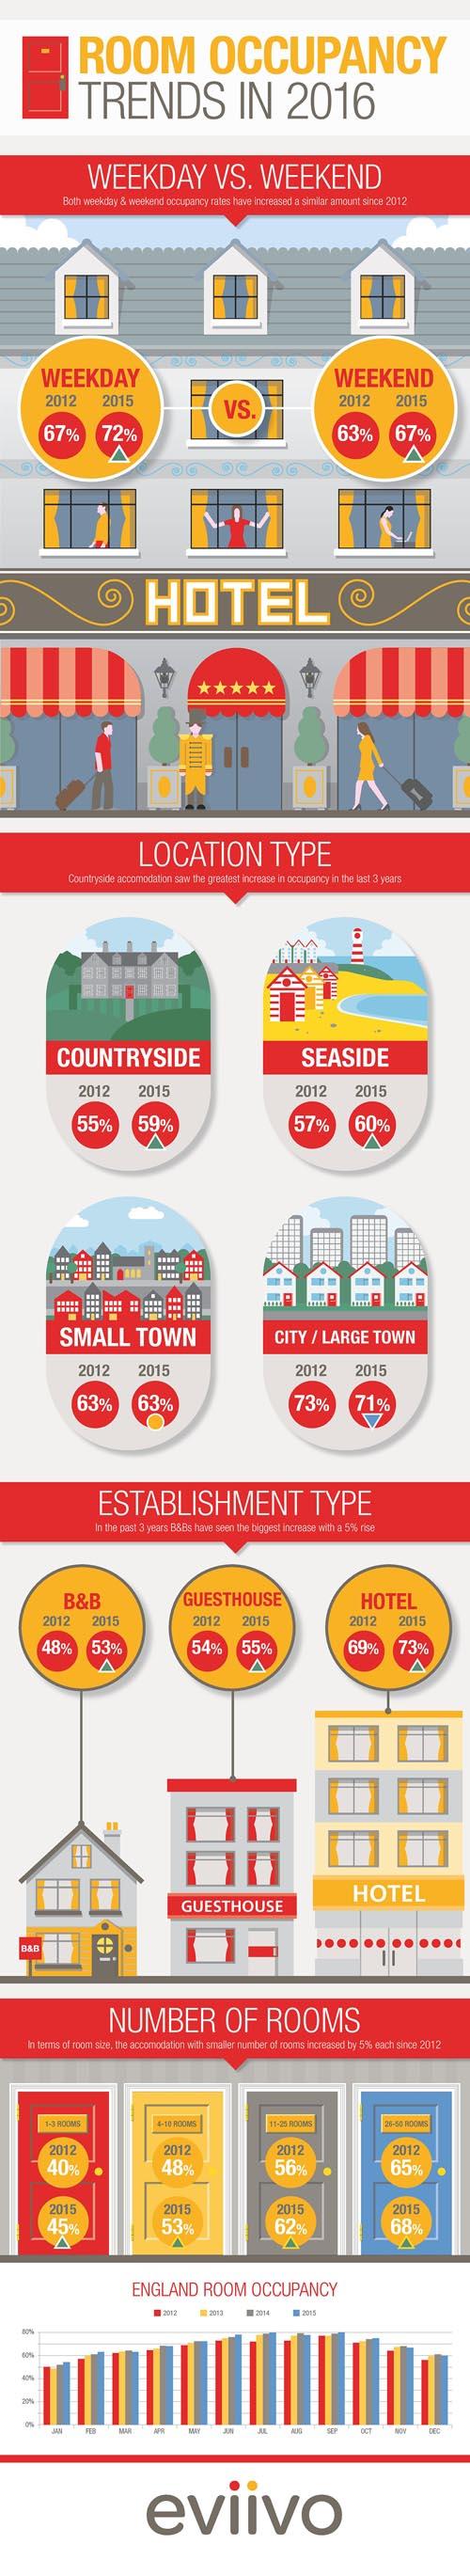 Eviivo infographic